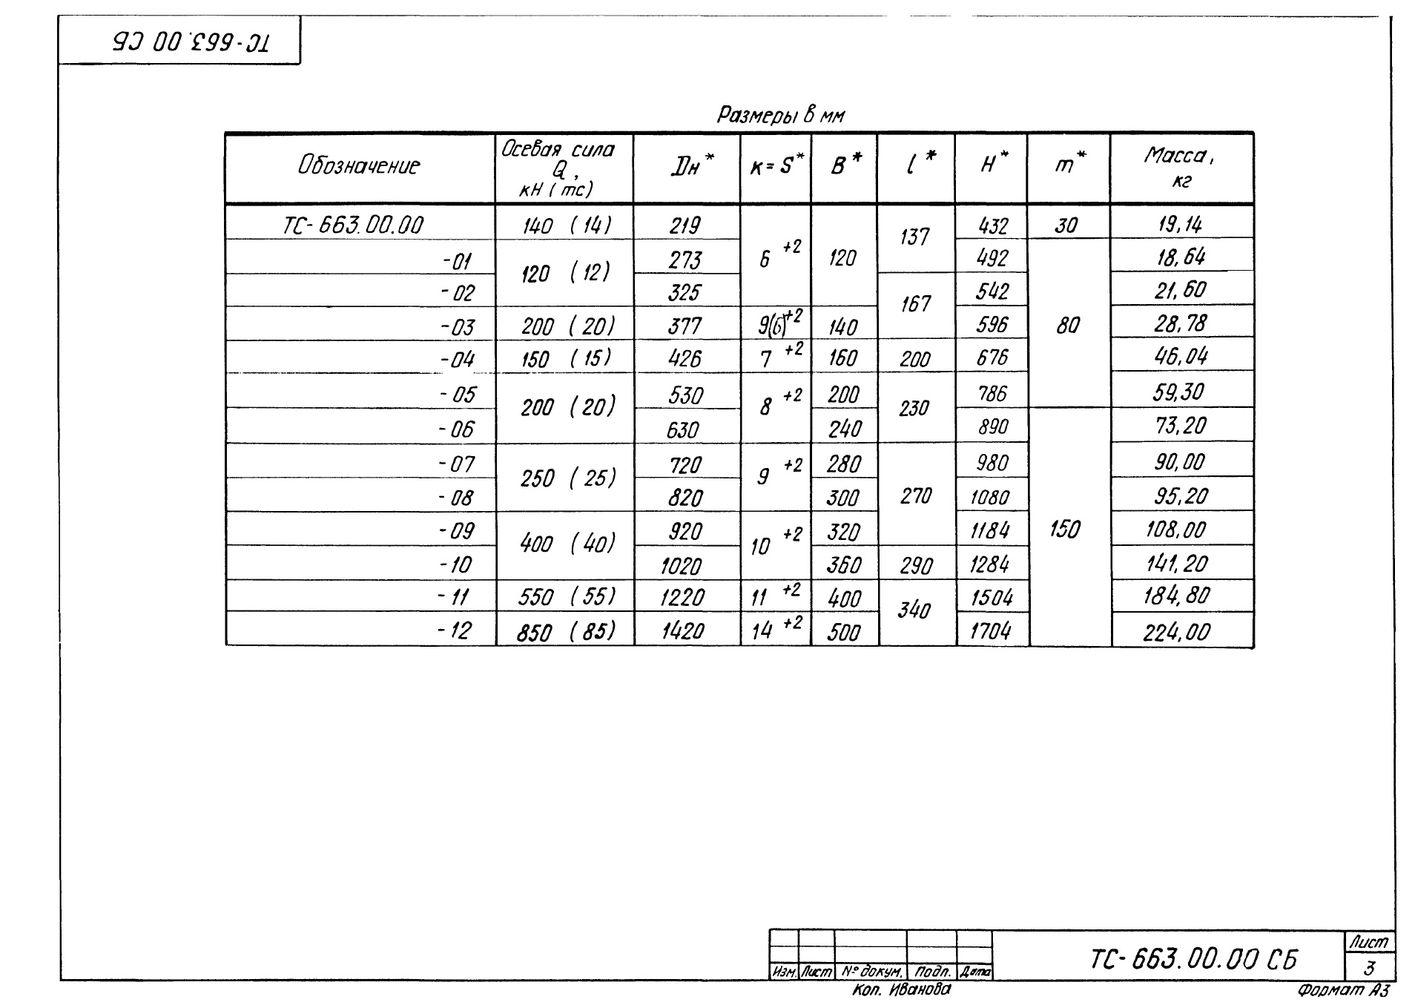 Опора неподвижная двухупорная усиленная ТС-663.00.00 серия 5.903-13 выпуск 7-95 стр.3